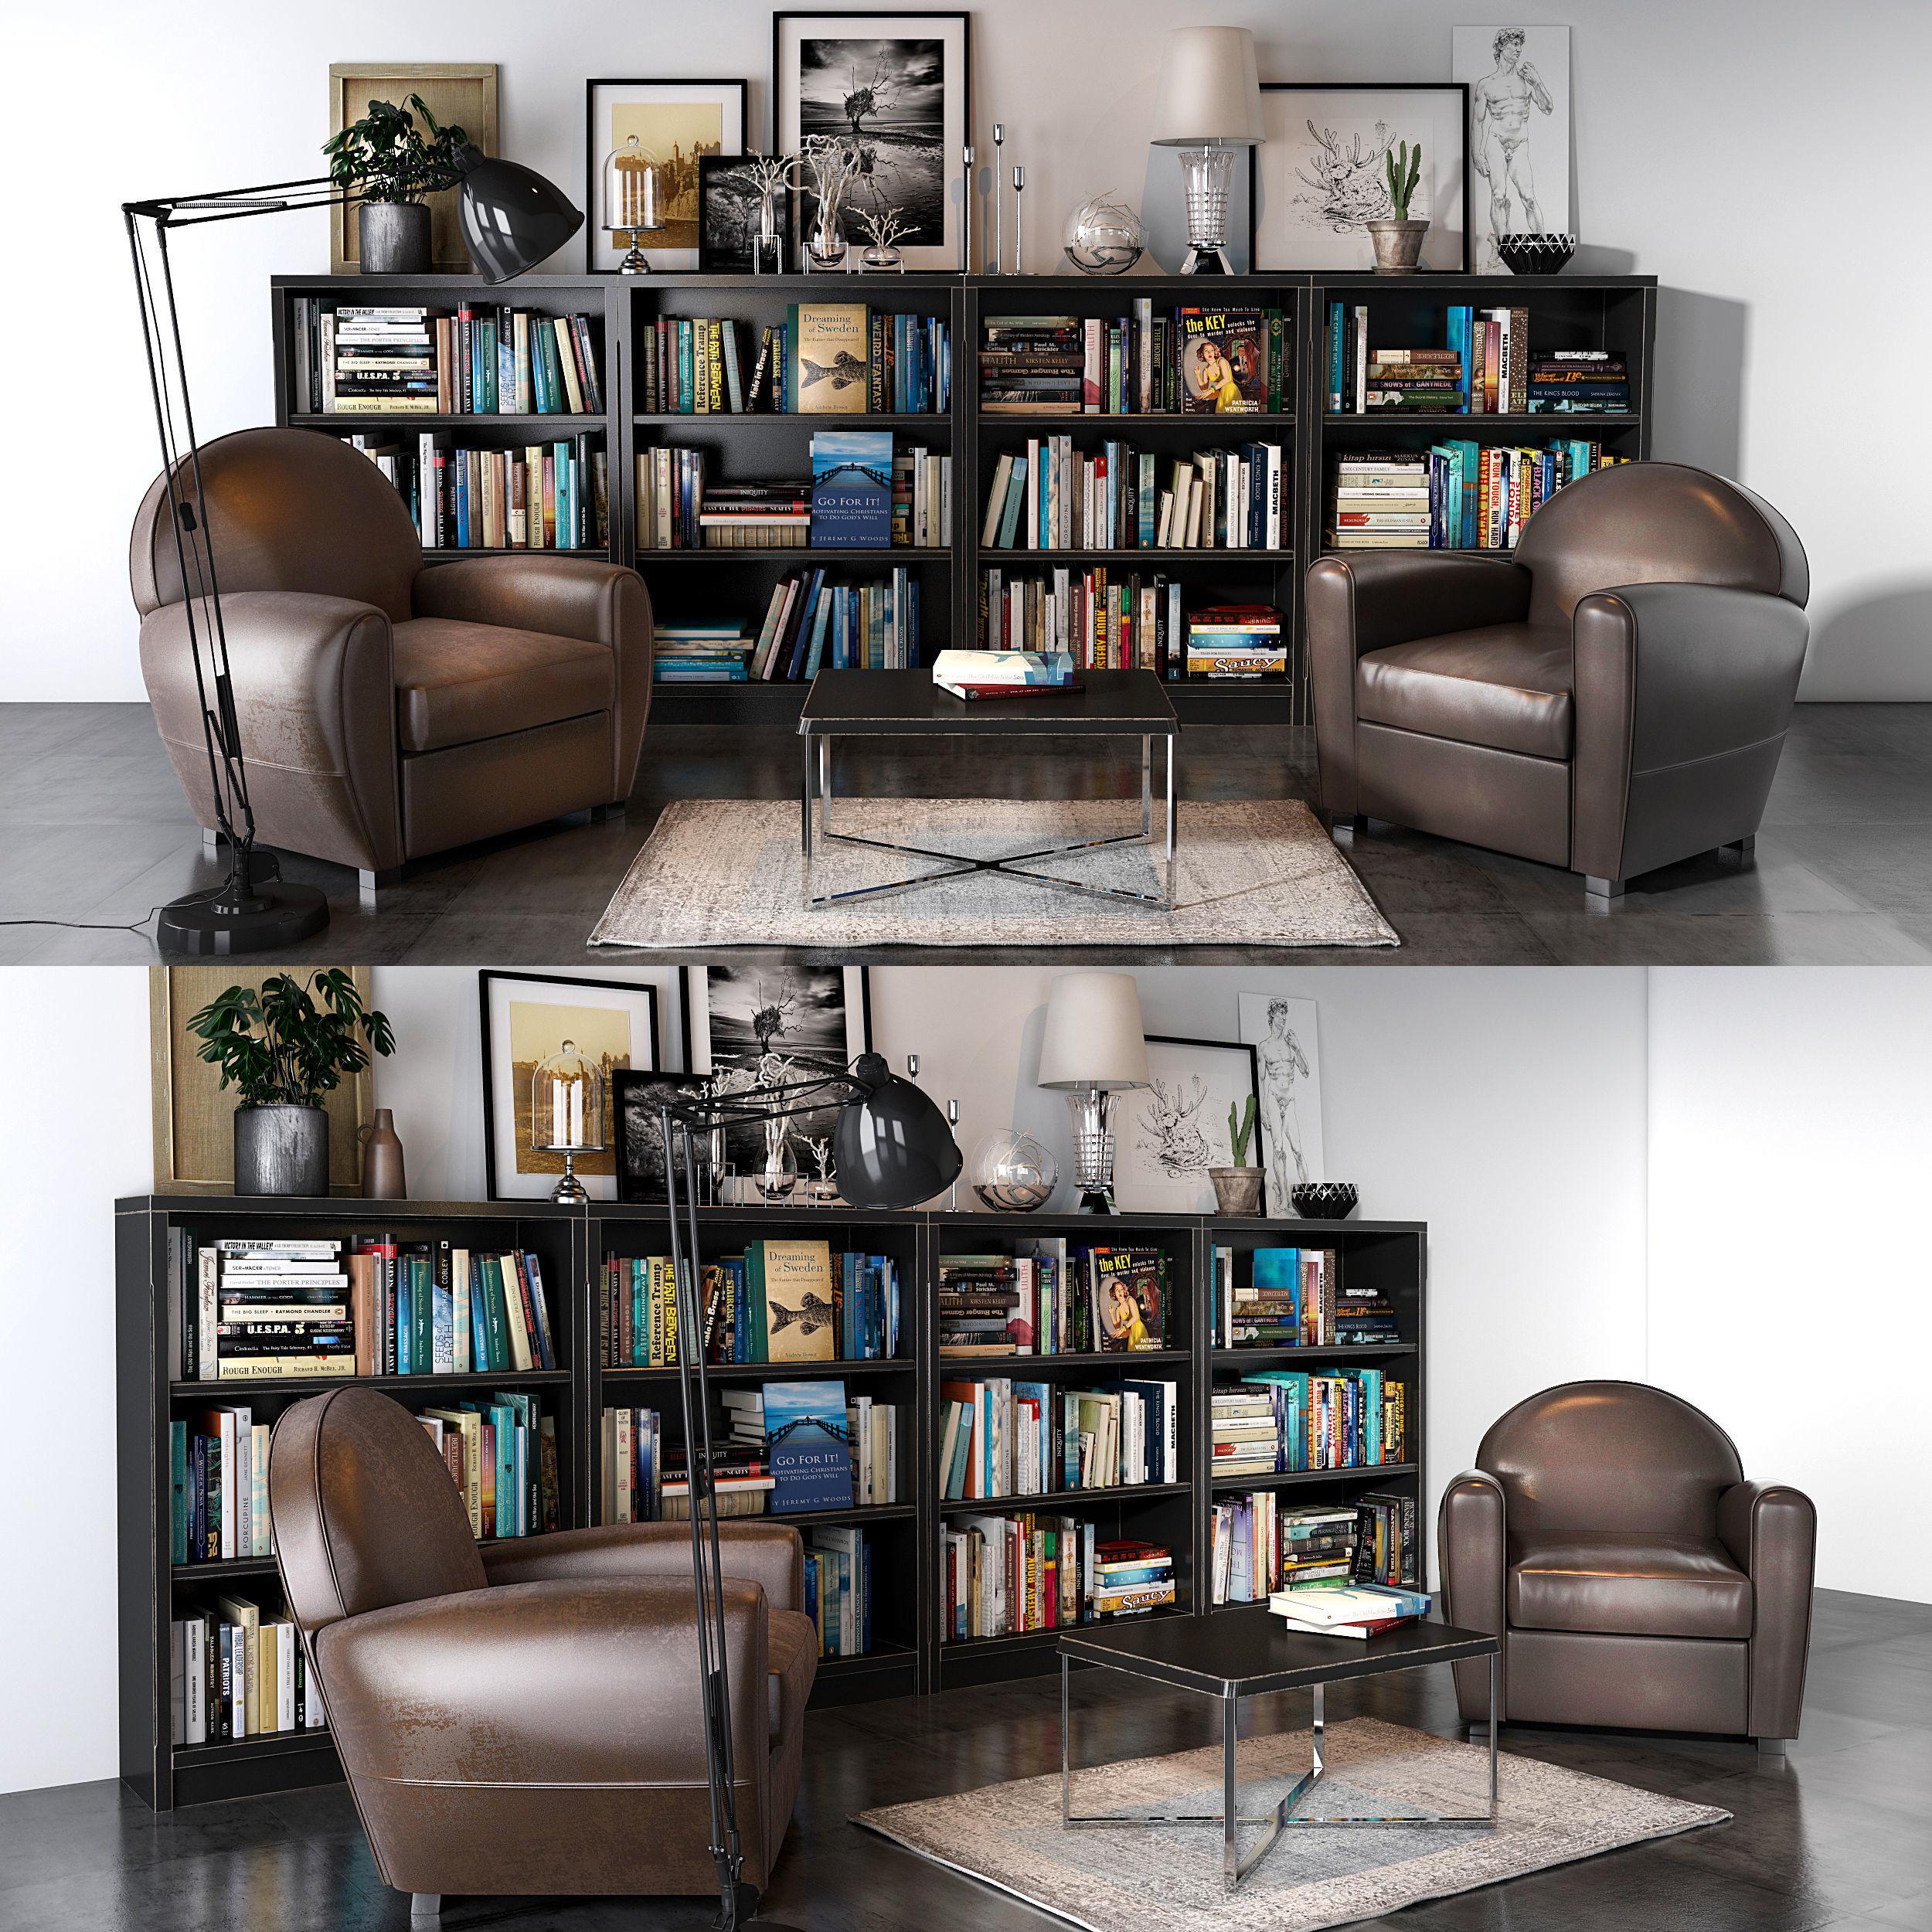 Neology Livingroom set 02 | 3D model